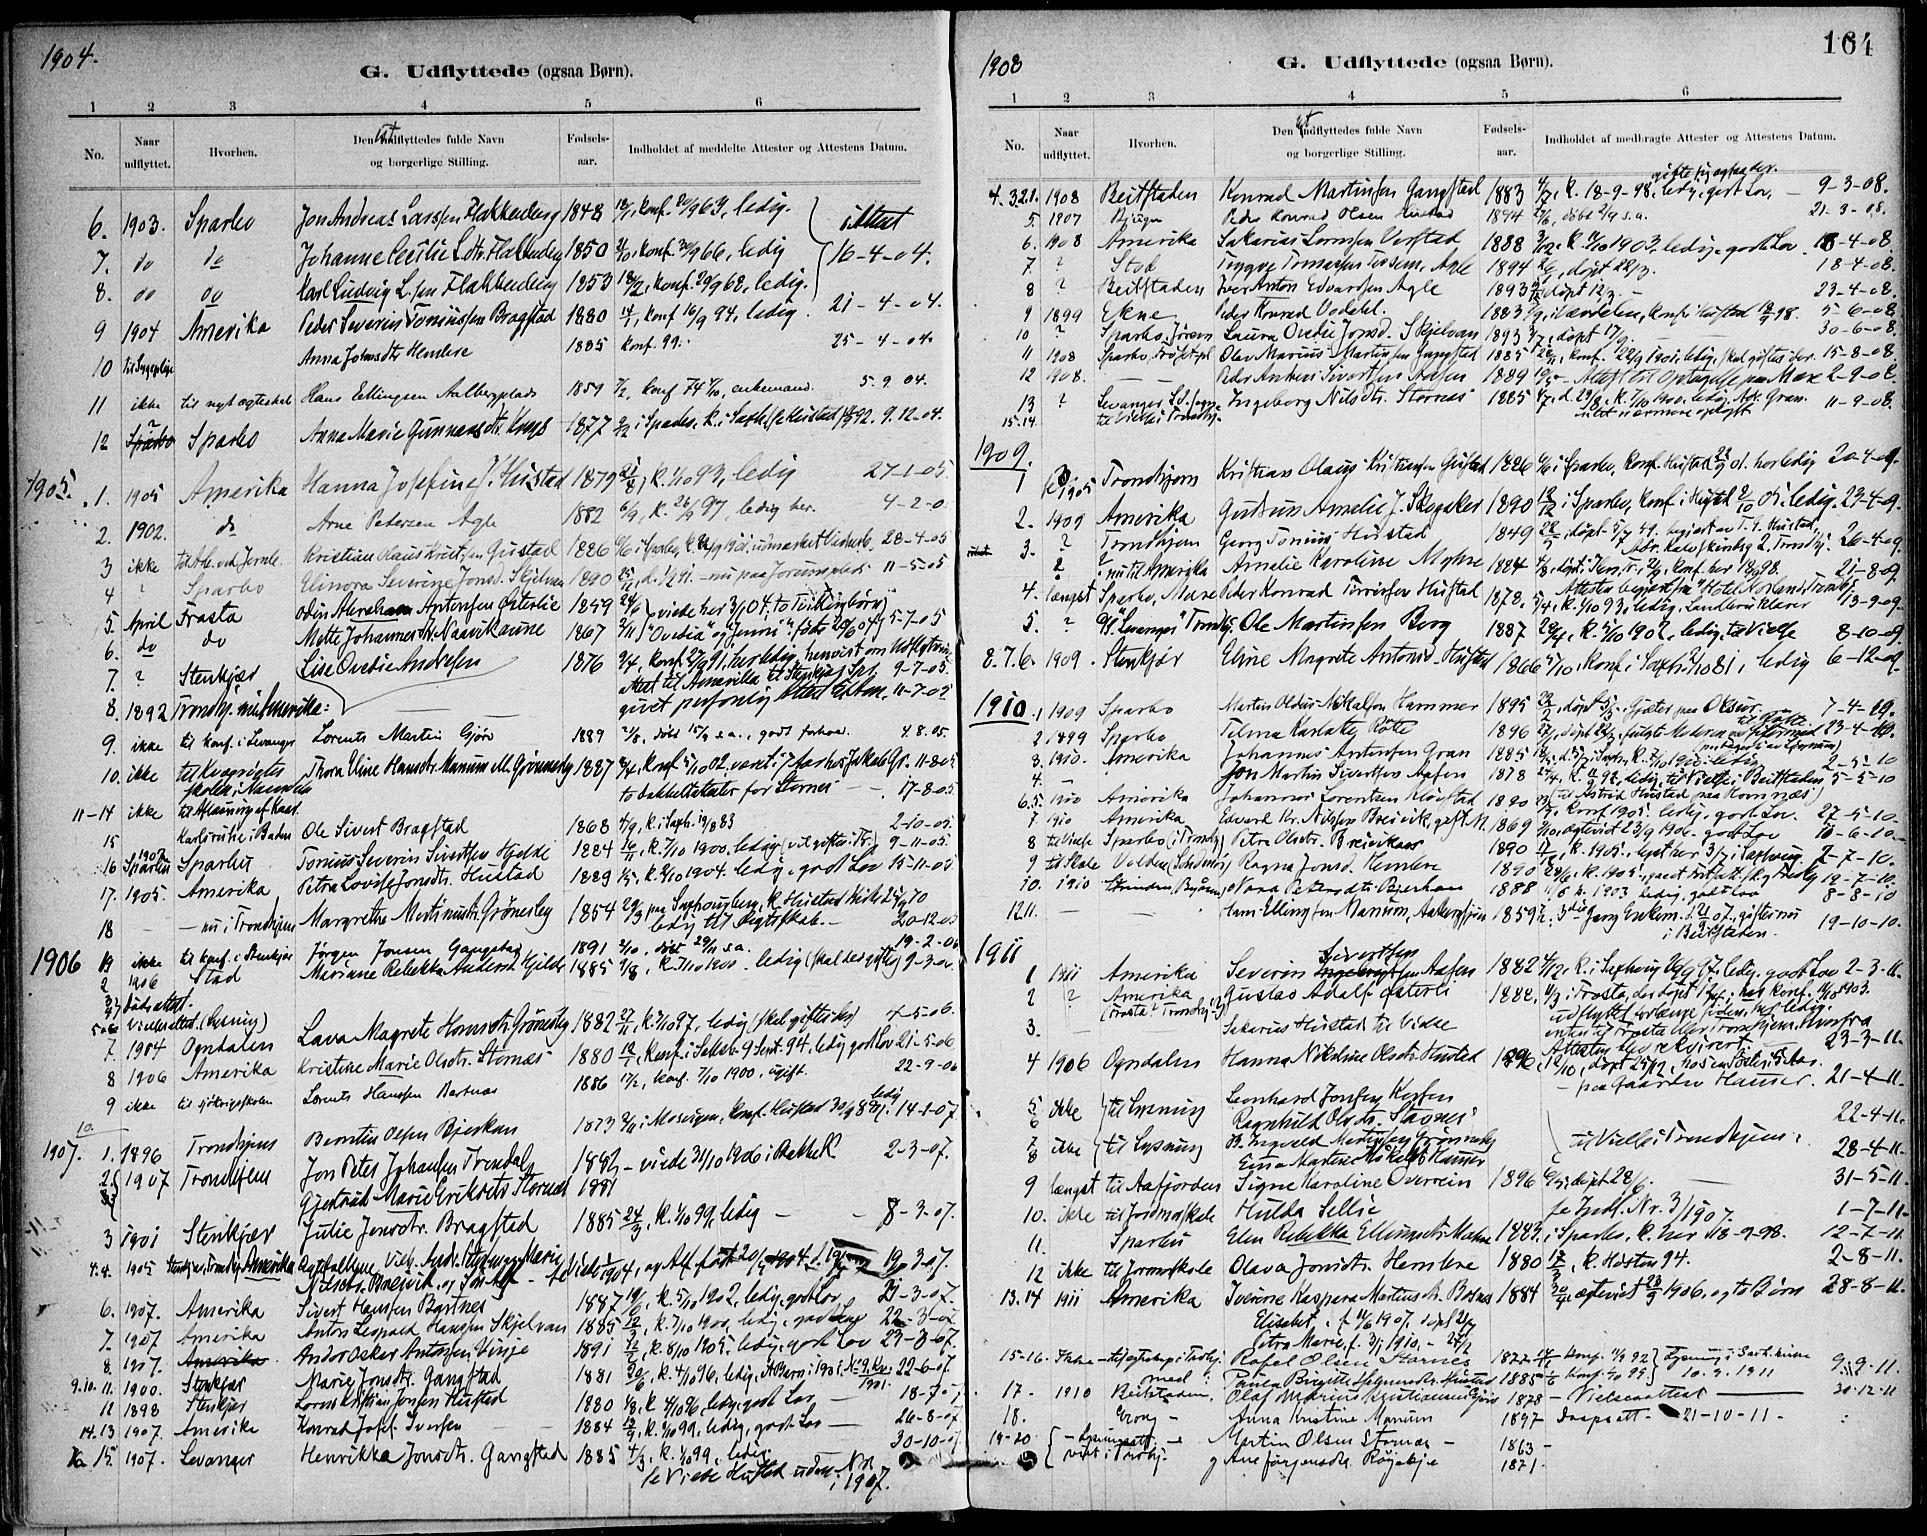 SAT, Ministerialprotokoller, klokkerbøker og fødselsregistre - Nord-Trøndelag, 732/L0316: Ministerialbok nr. 732A01, 1879-1921, s. 164